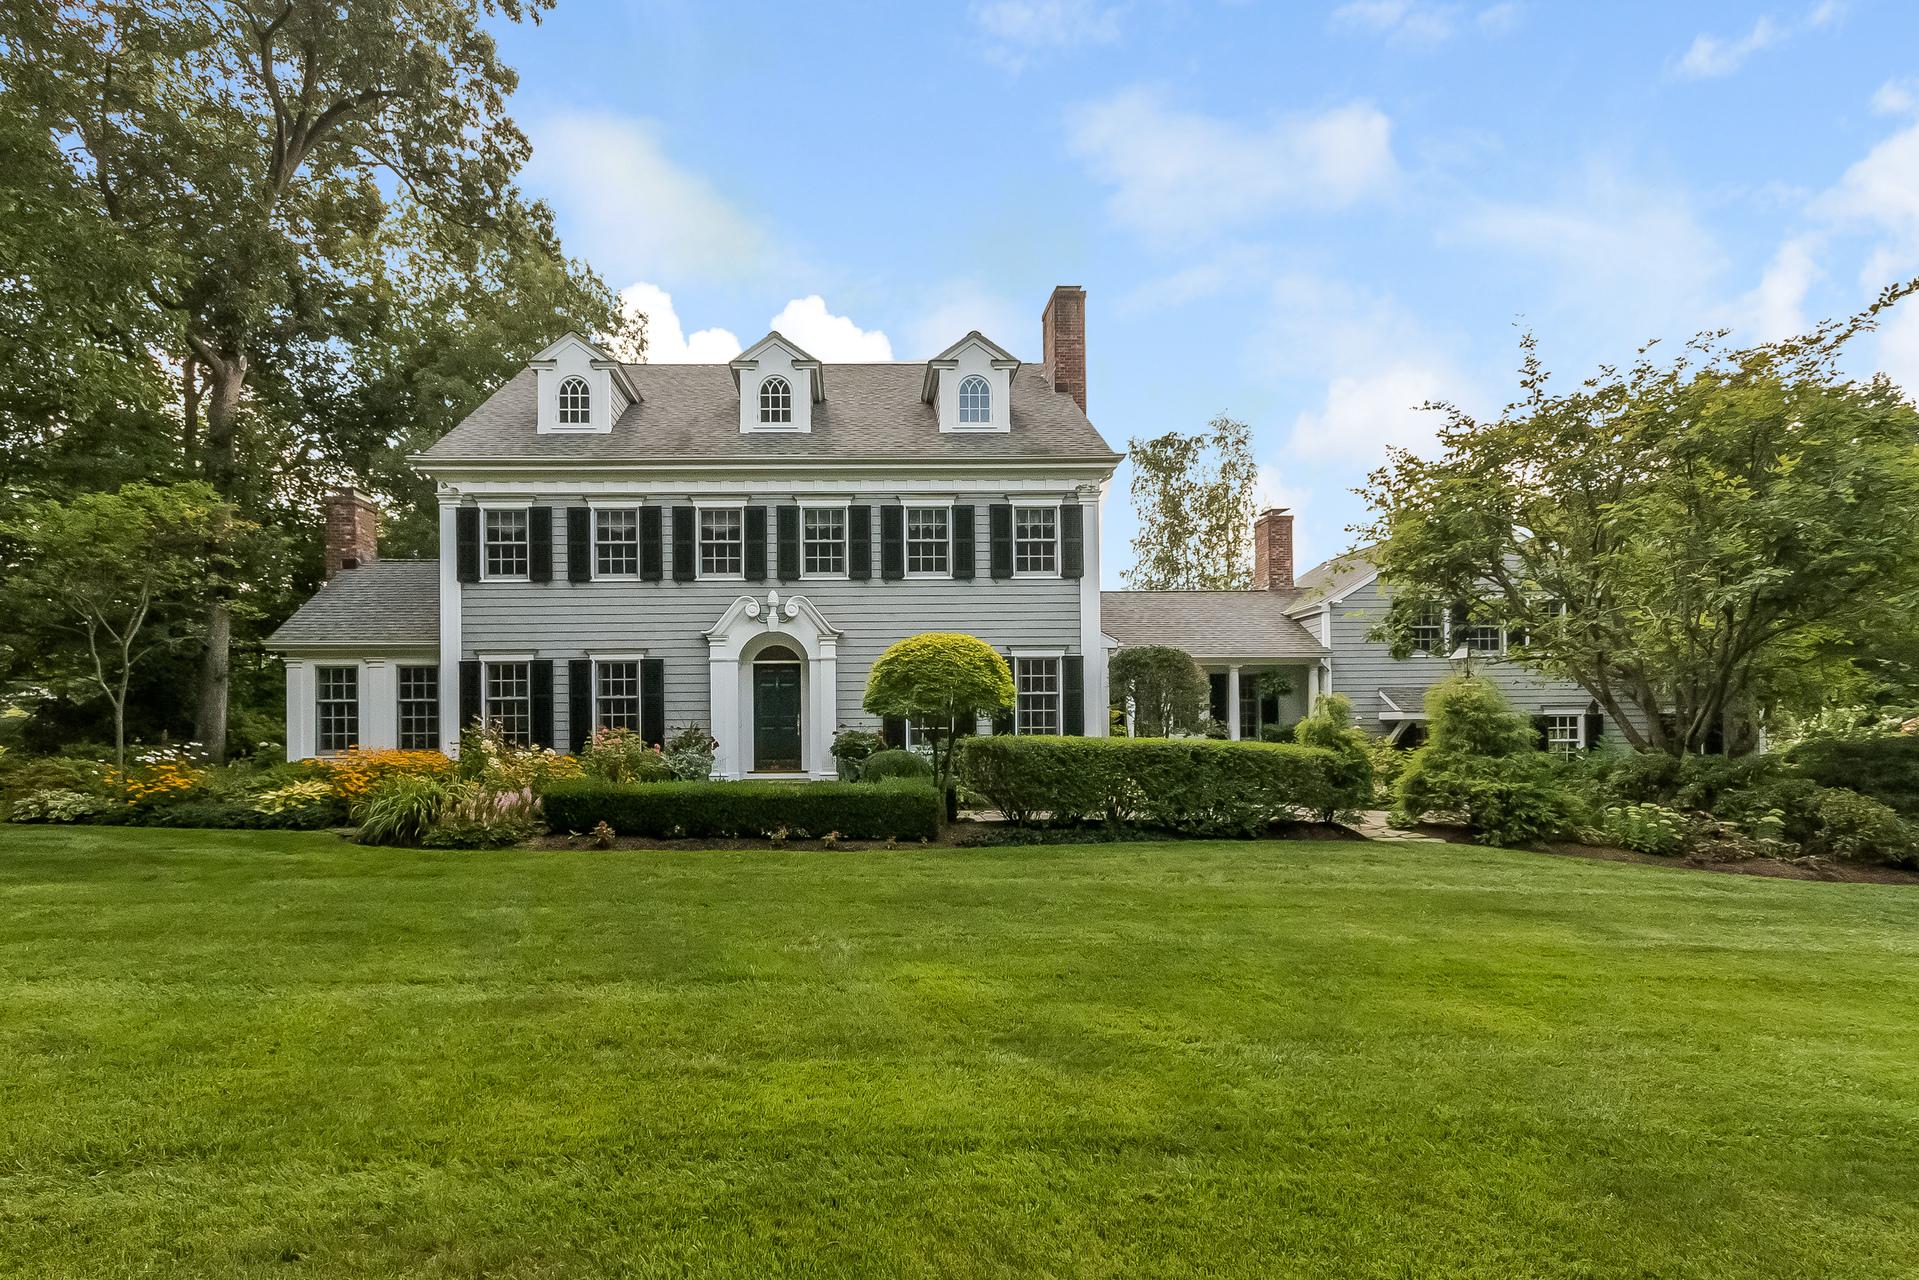 一戸建て のために 売買 アット Renovated by Architect Louise Brooks 31 Carriage Road Wilton, コネチカット 06897 アメリカ合衆国